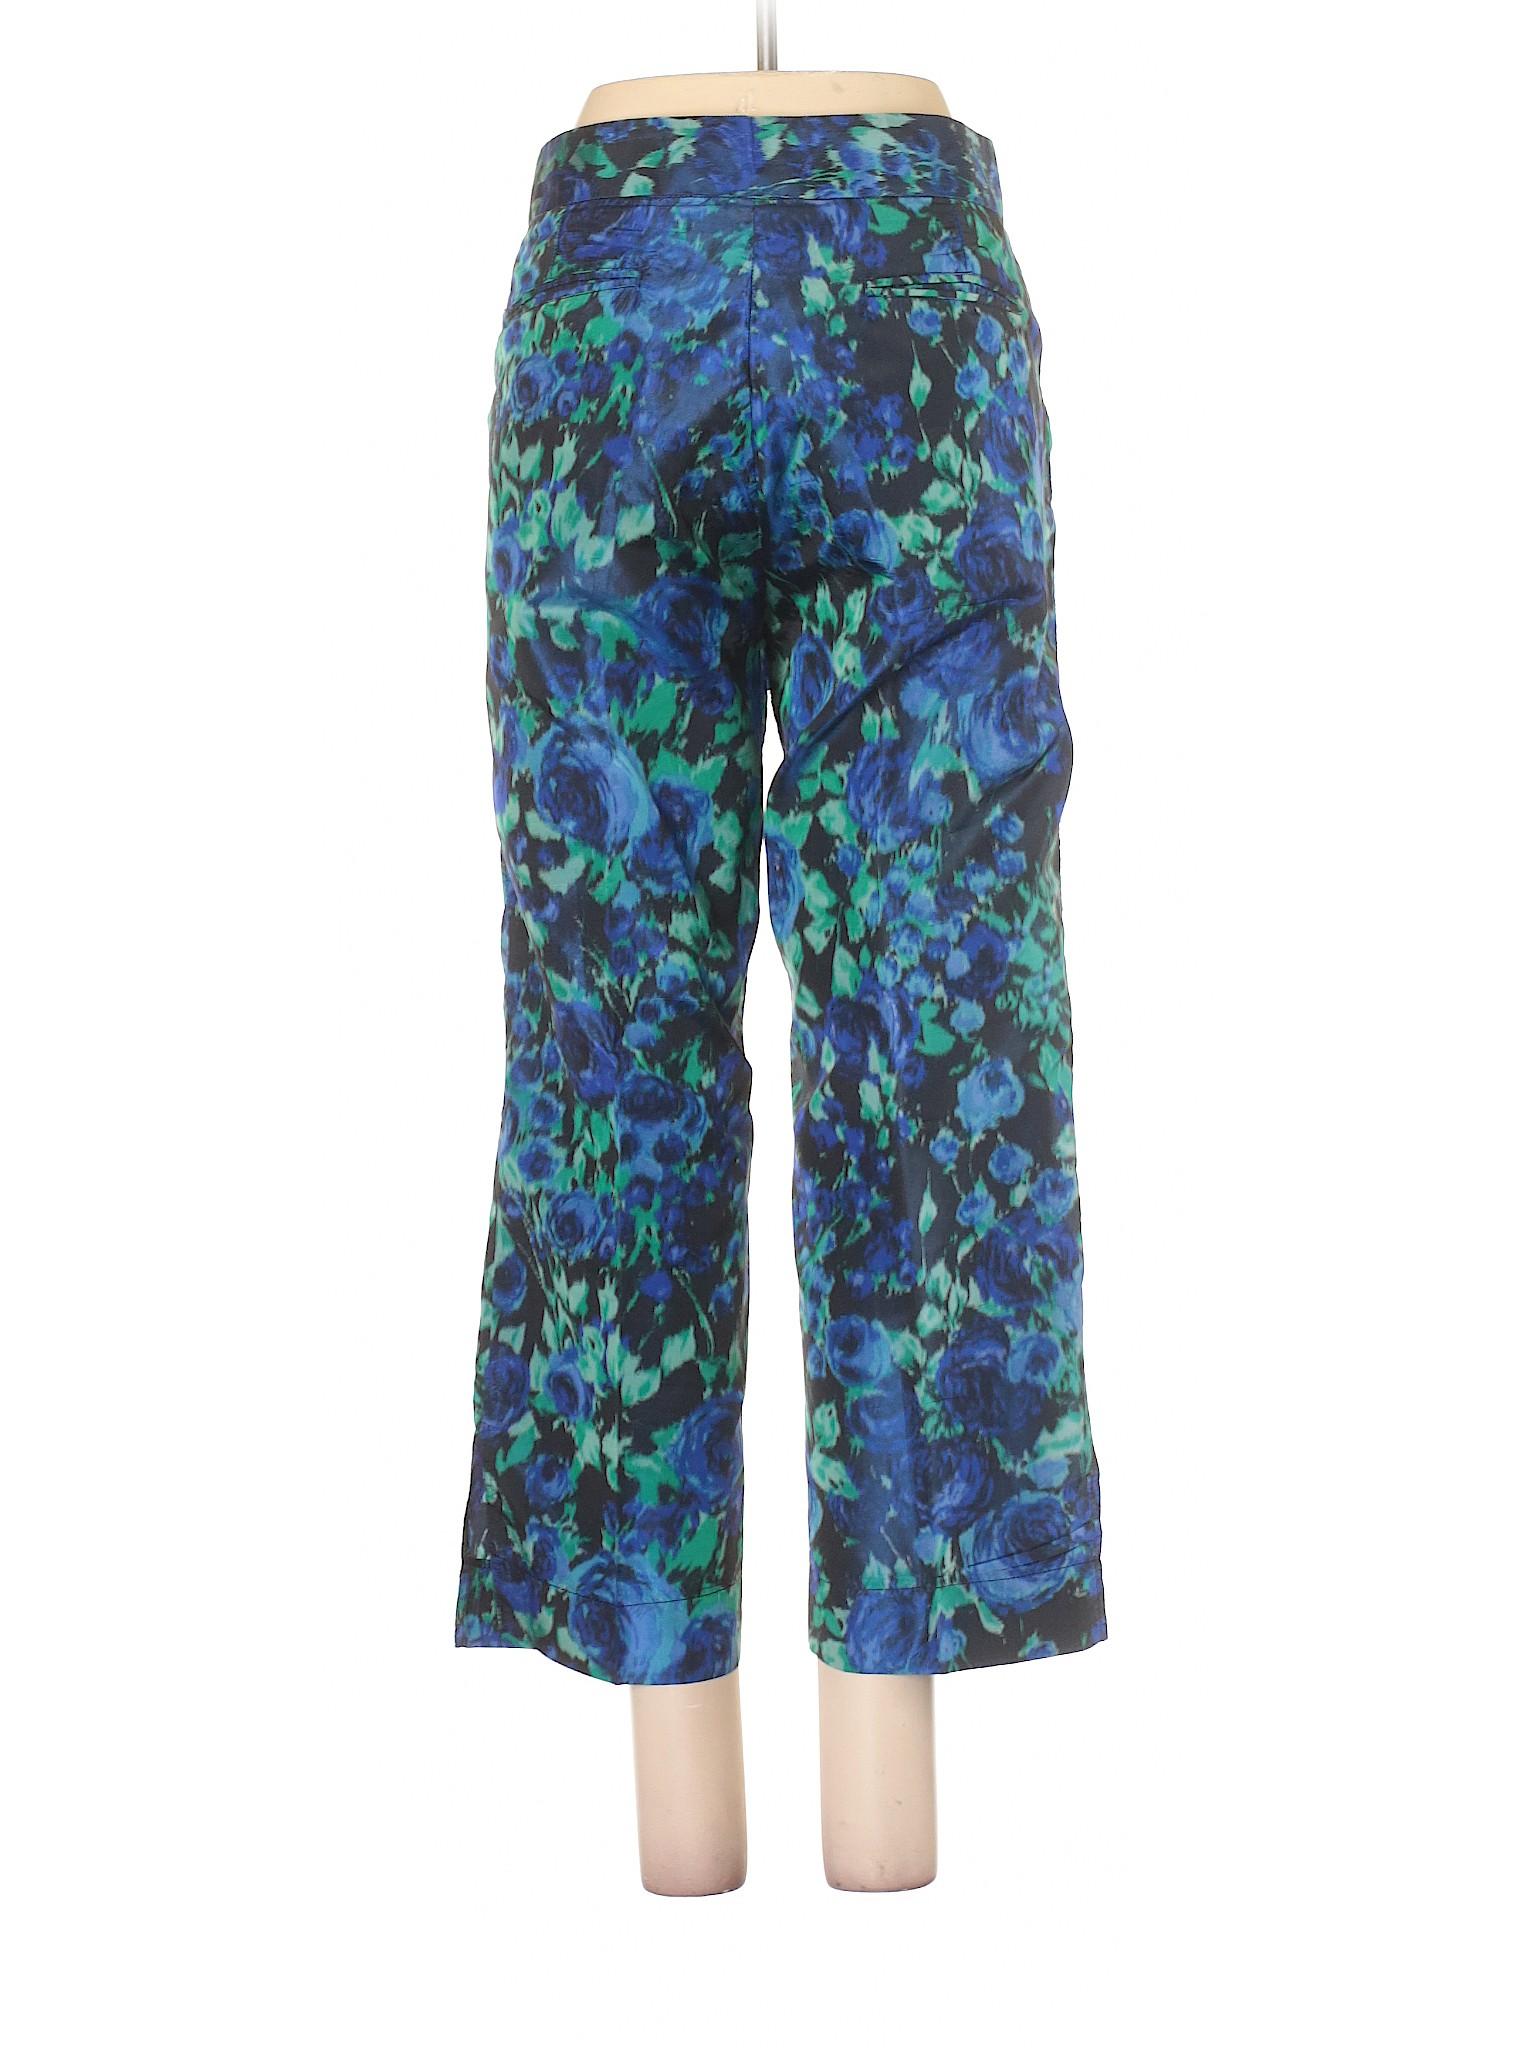 Dress Pants leisure Miah Boutique Y tSa7nBcqw